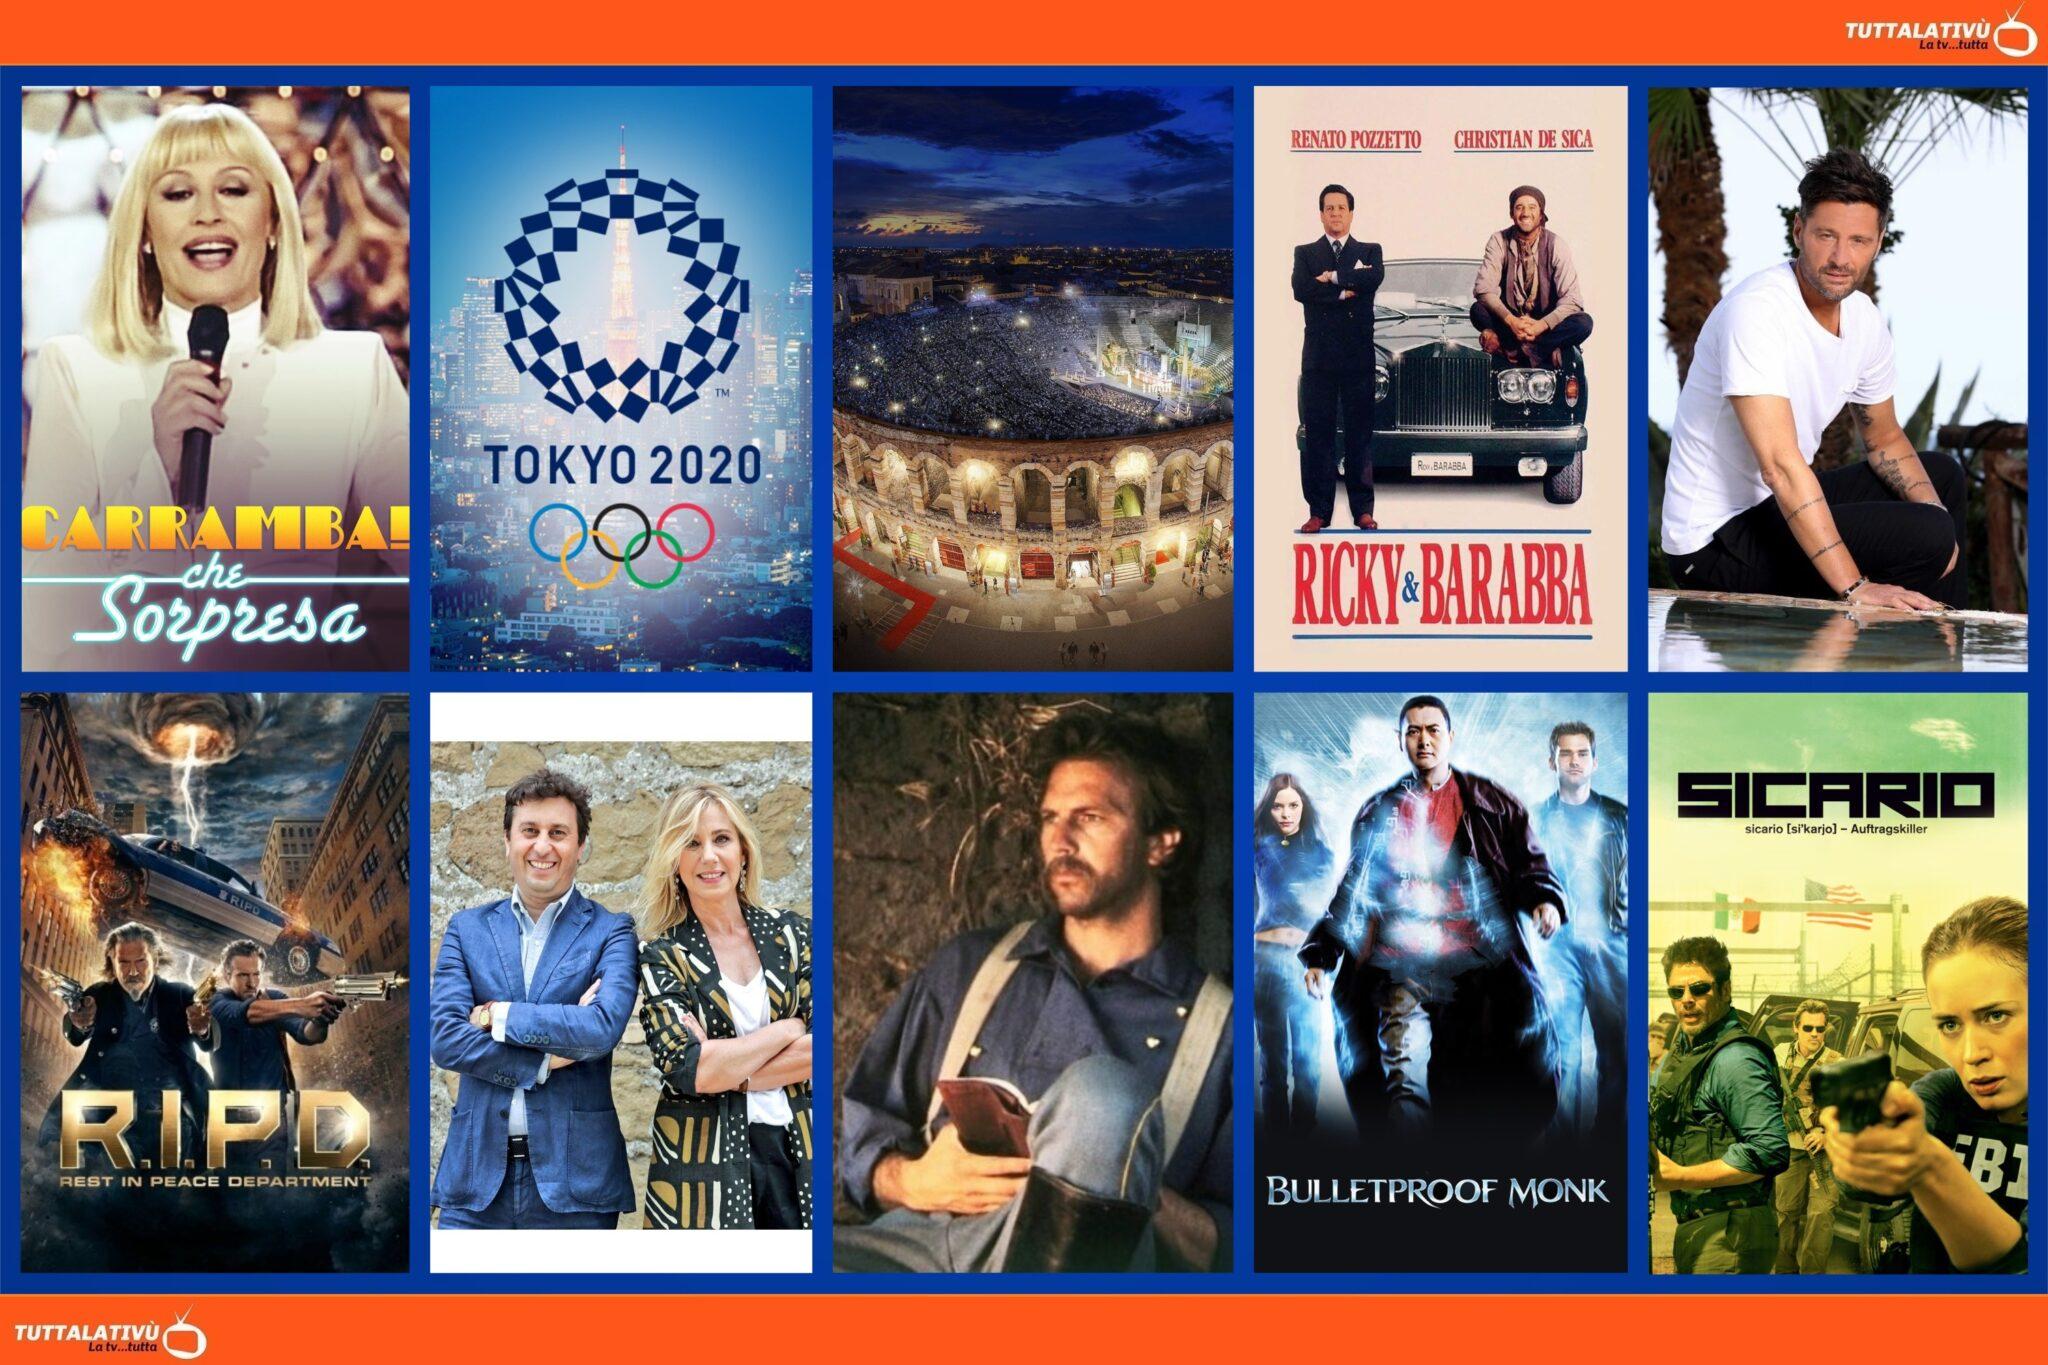 GuidaTV 27 Luglio 2021: L'ultima di Temptation Island, le Olimpiadi Tokyo 2020, Carràmba che sorpresa, la Cavalleria Rusticana, Balla coi lupi, Sicario